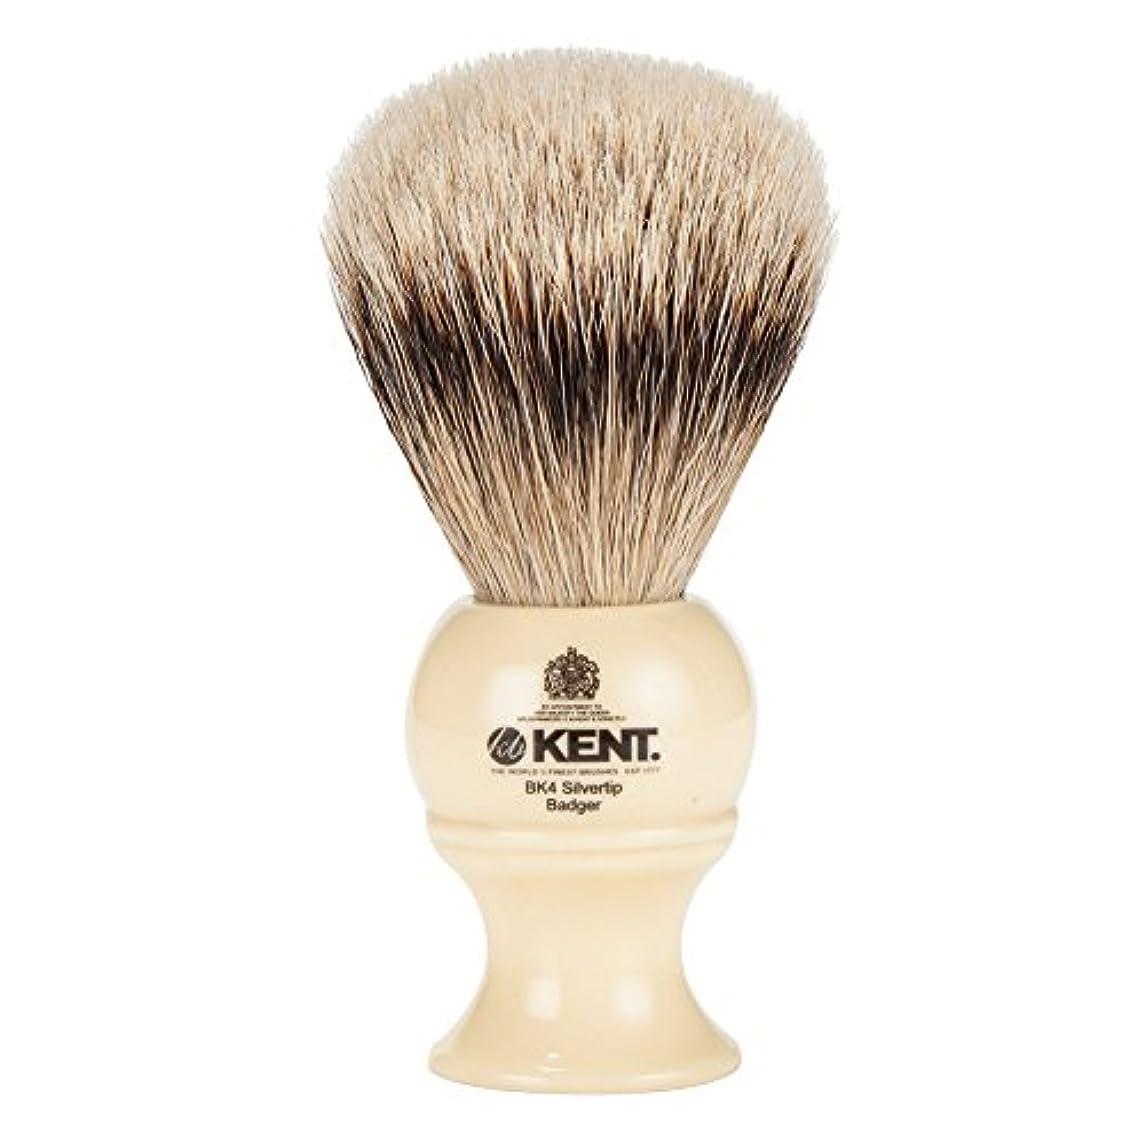 花瓶バックミス[ ケント ブラシ ] Kent Brush シルバーチップアナグマ シェービングブラシ (Mサイズ) BK4 ホワイト 髭剃り [並行輸入品]